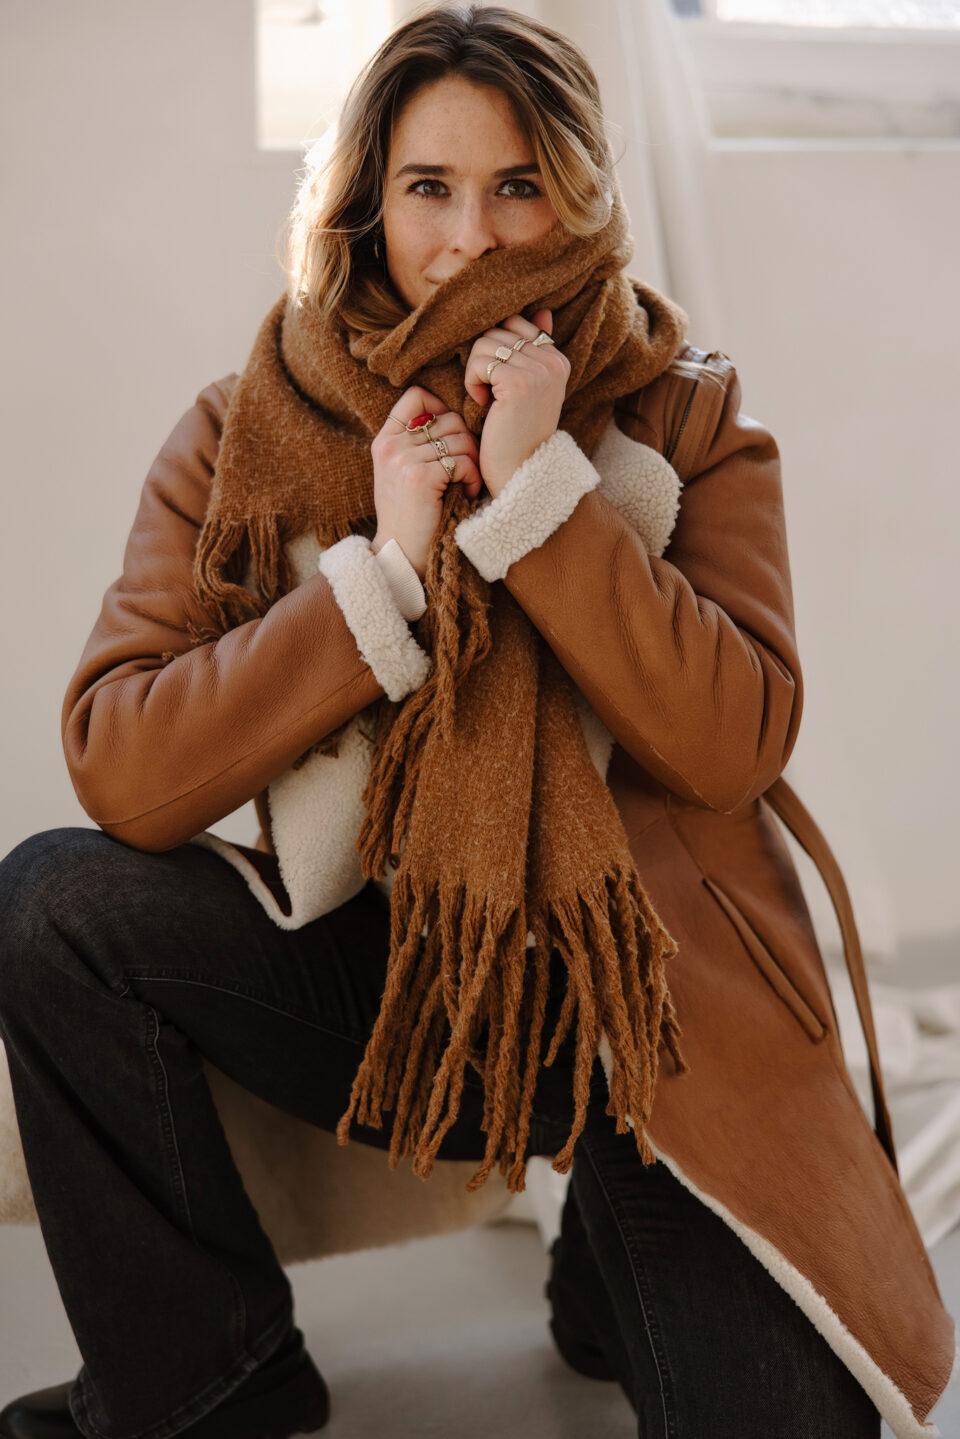 Meisje poseert in een lammy coat